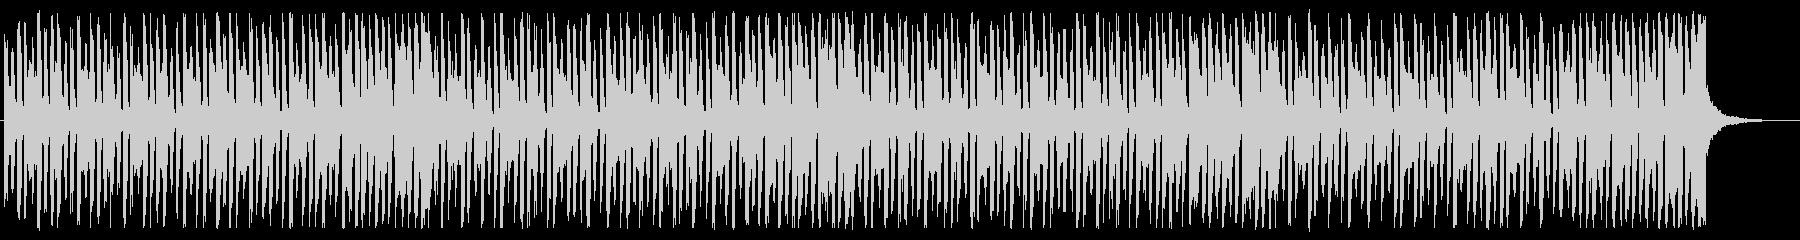 誰かに言及するときに流れるBGMの未再生の波形